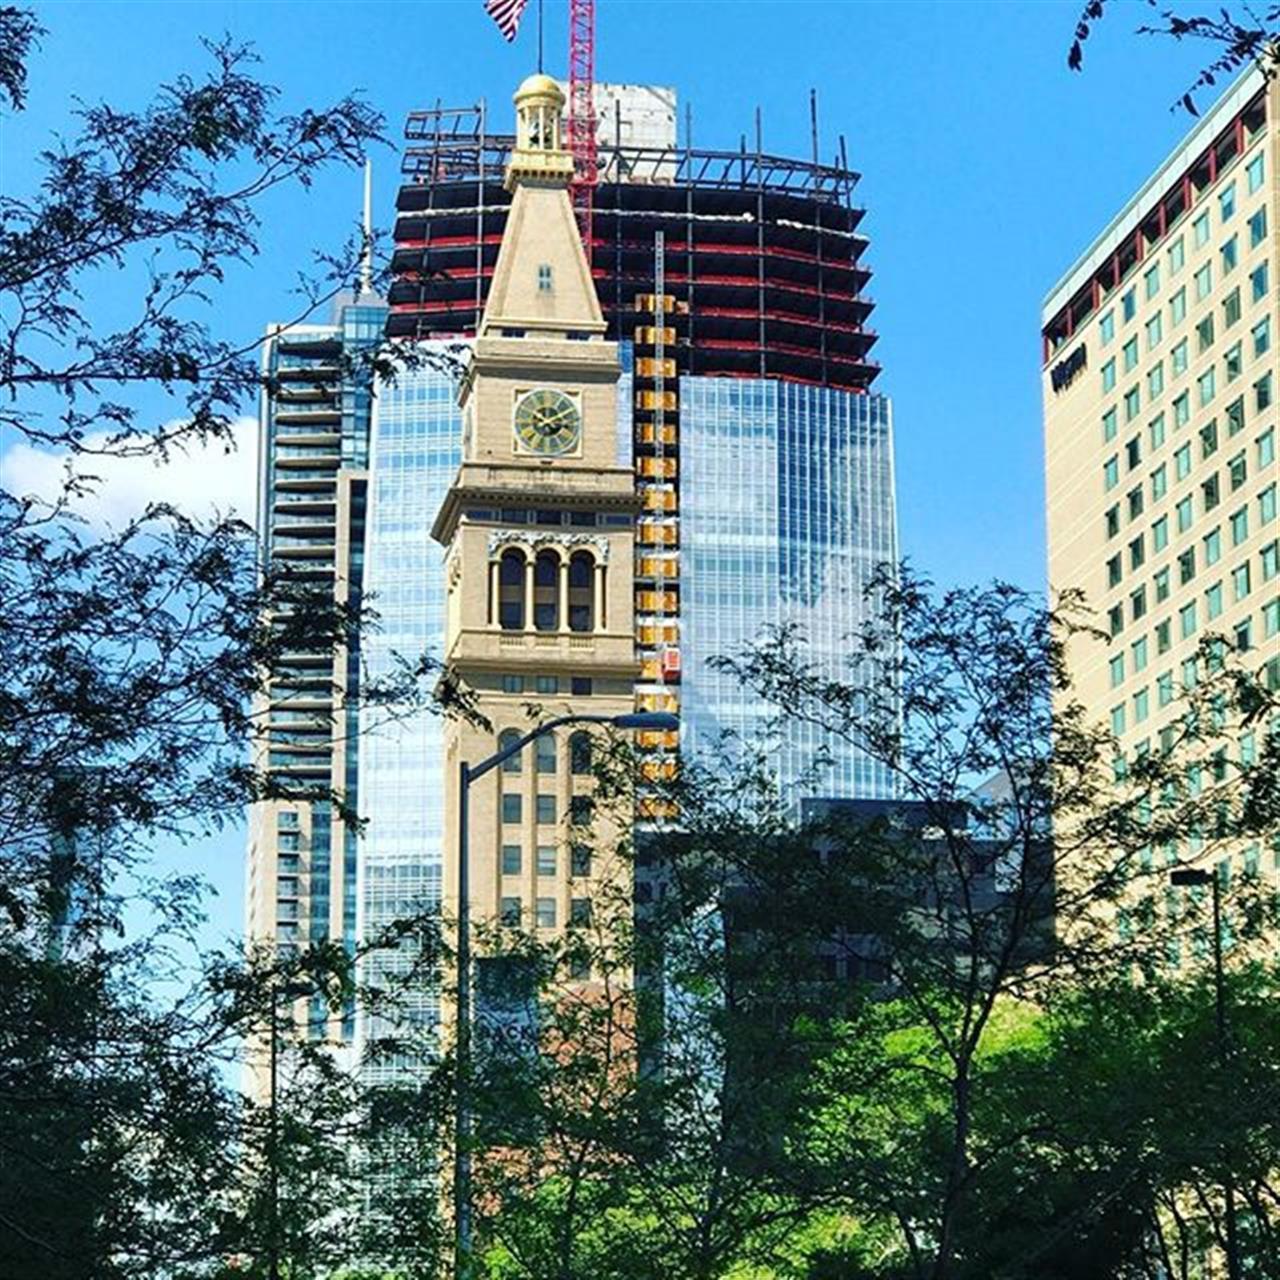 Downtown summer views. #summertime #downtowndenver #goexploredenver #16thstreetmall #lanniesclocktower #leadingrelocal